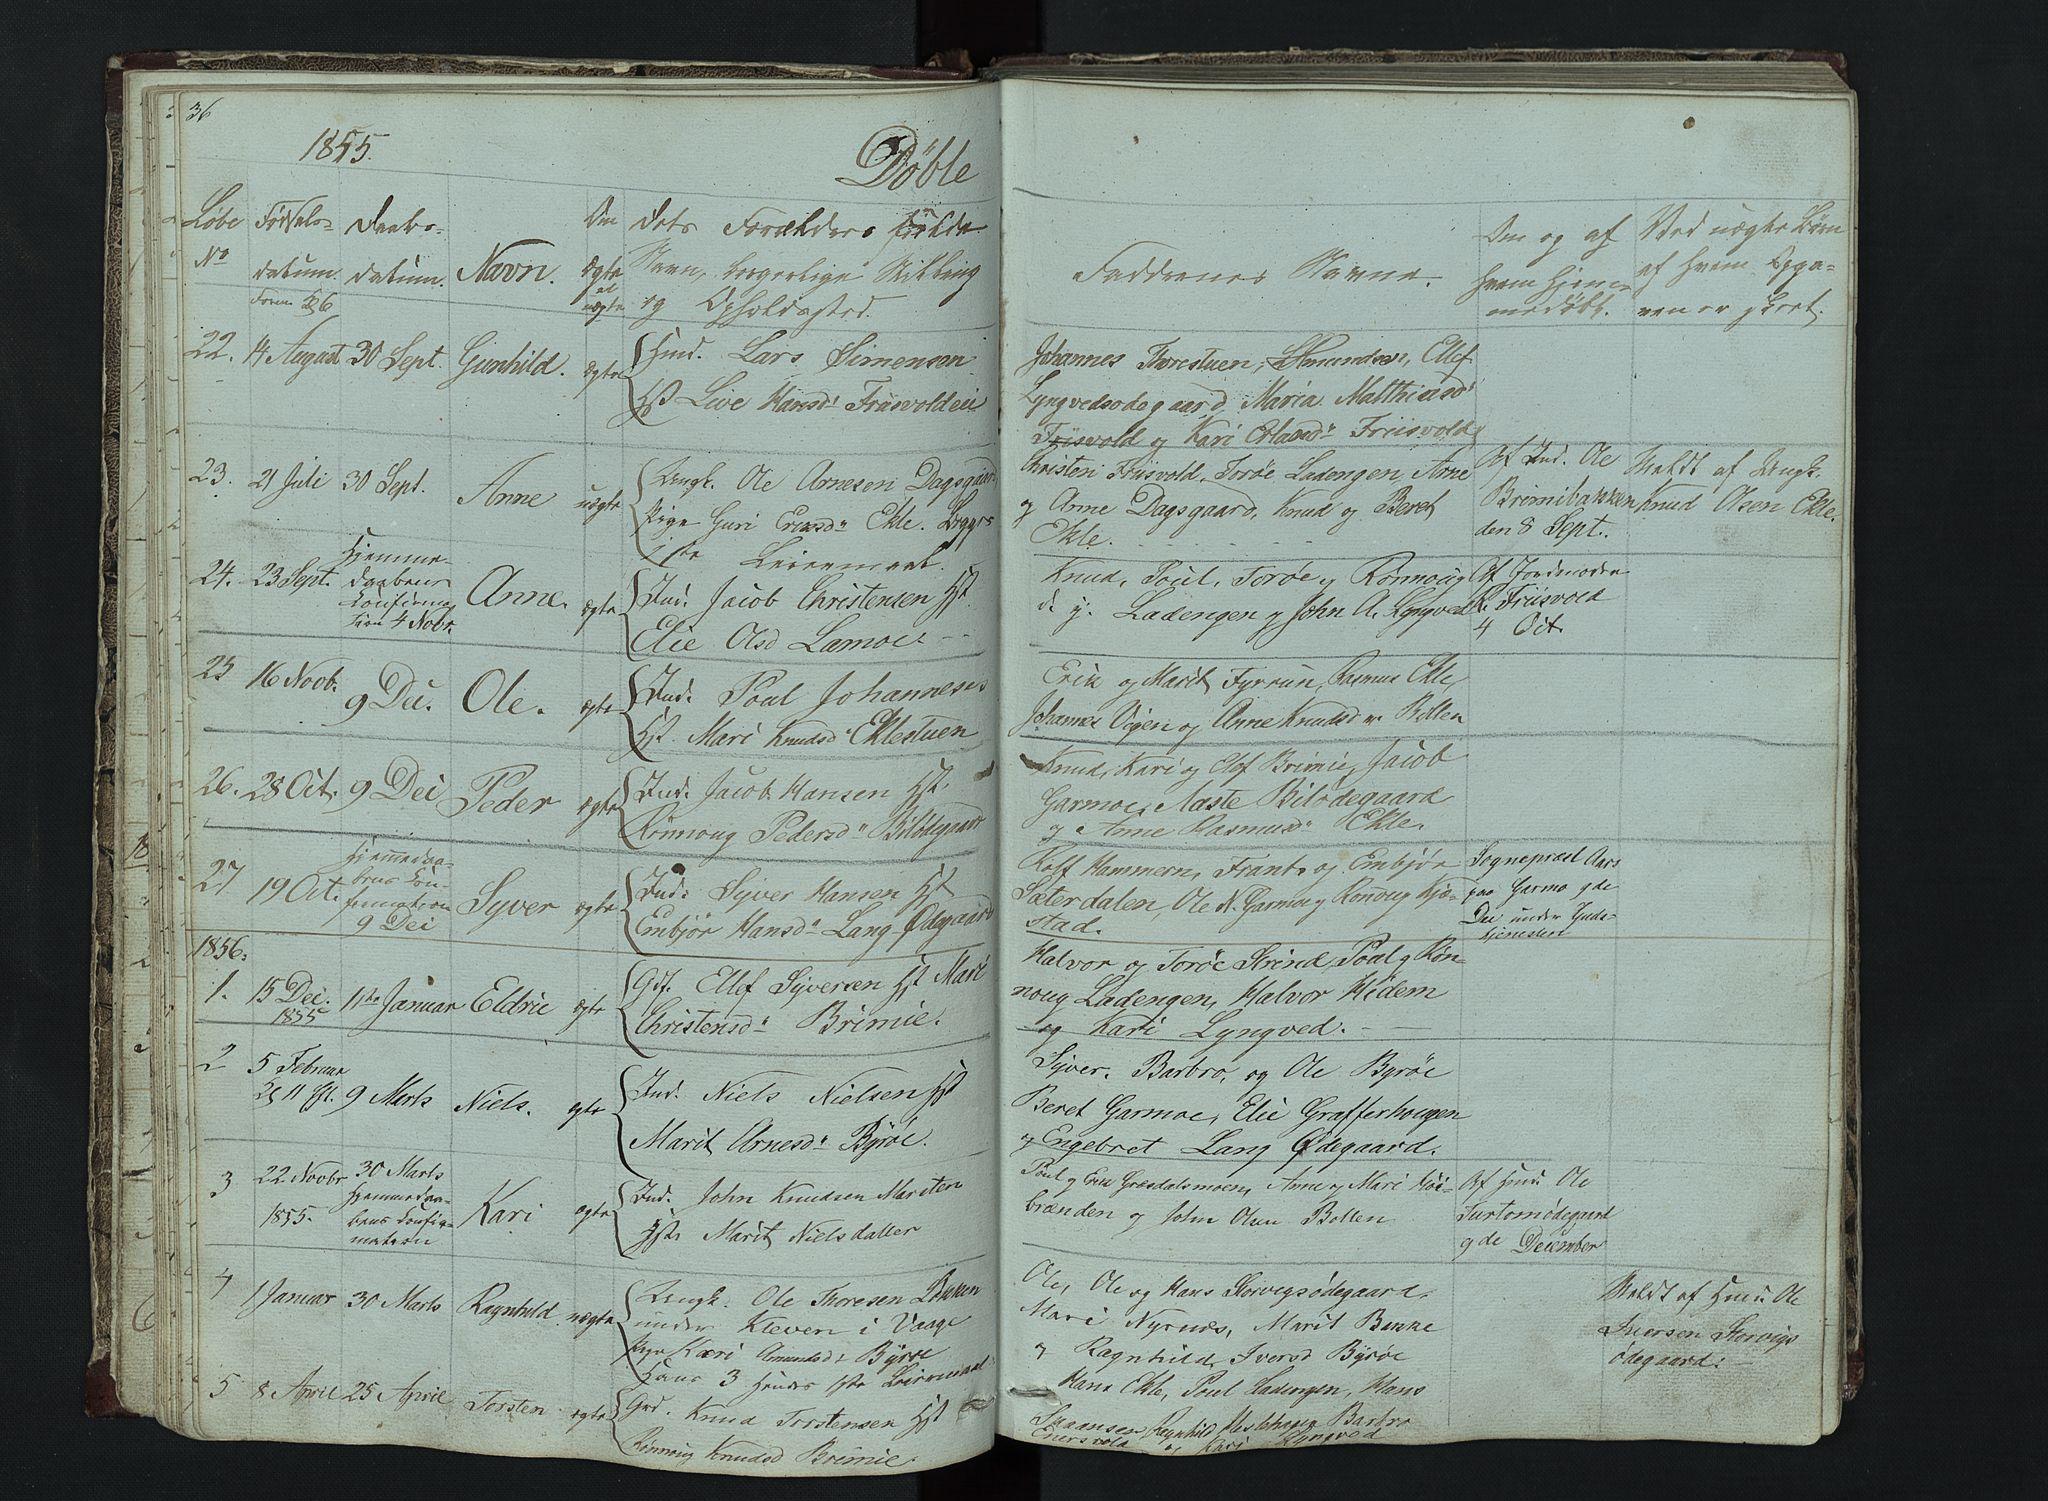 SAH, Lom prestekontor, L/L0014: Klokkerbok nr. 14, 1845-1876, s. 36-37